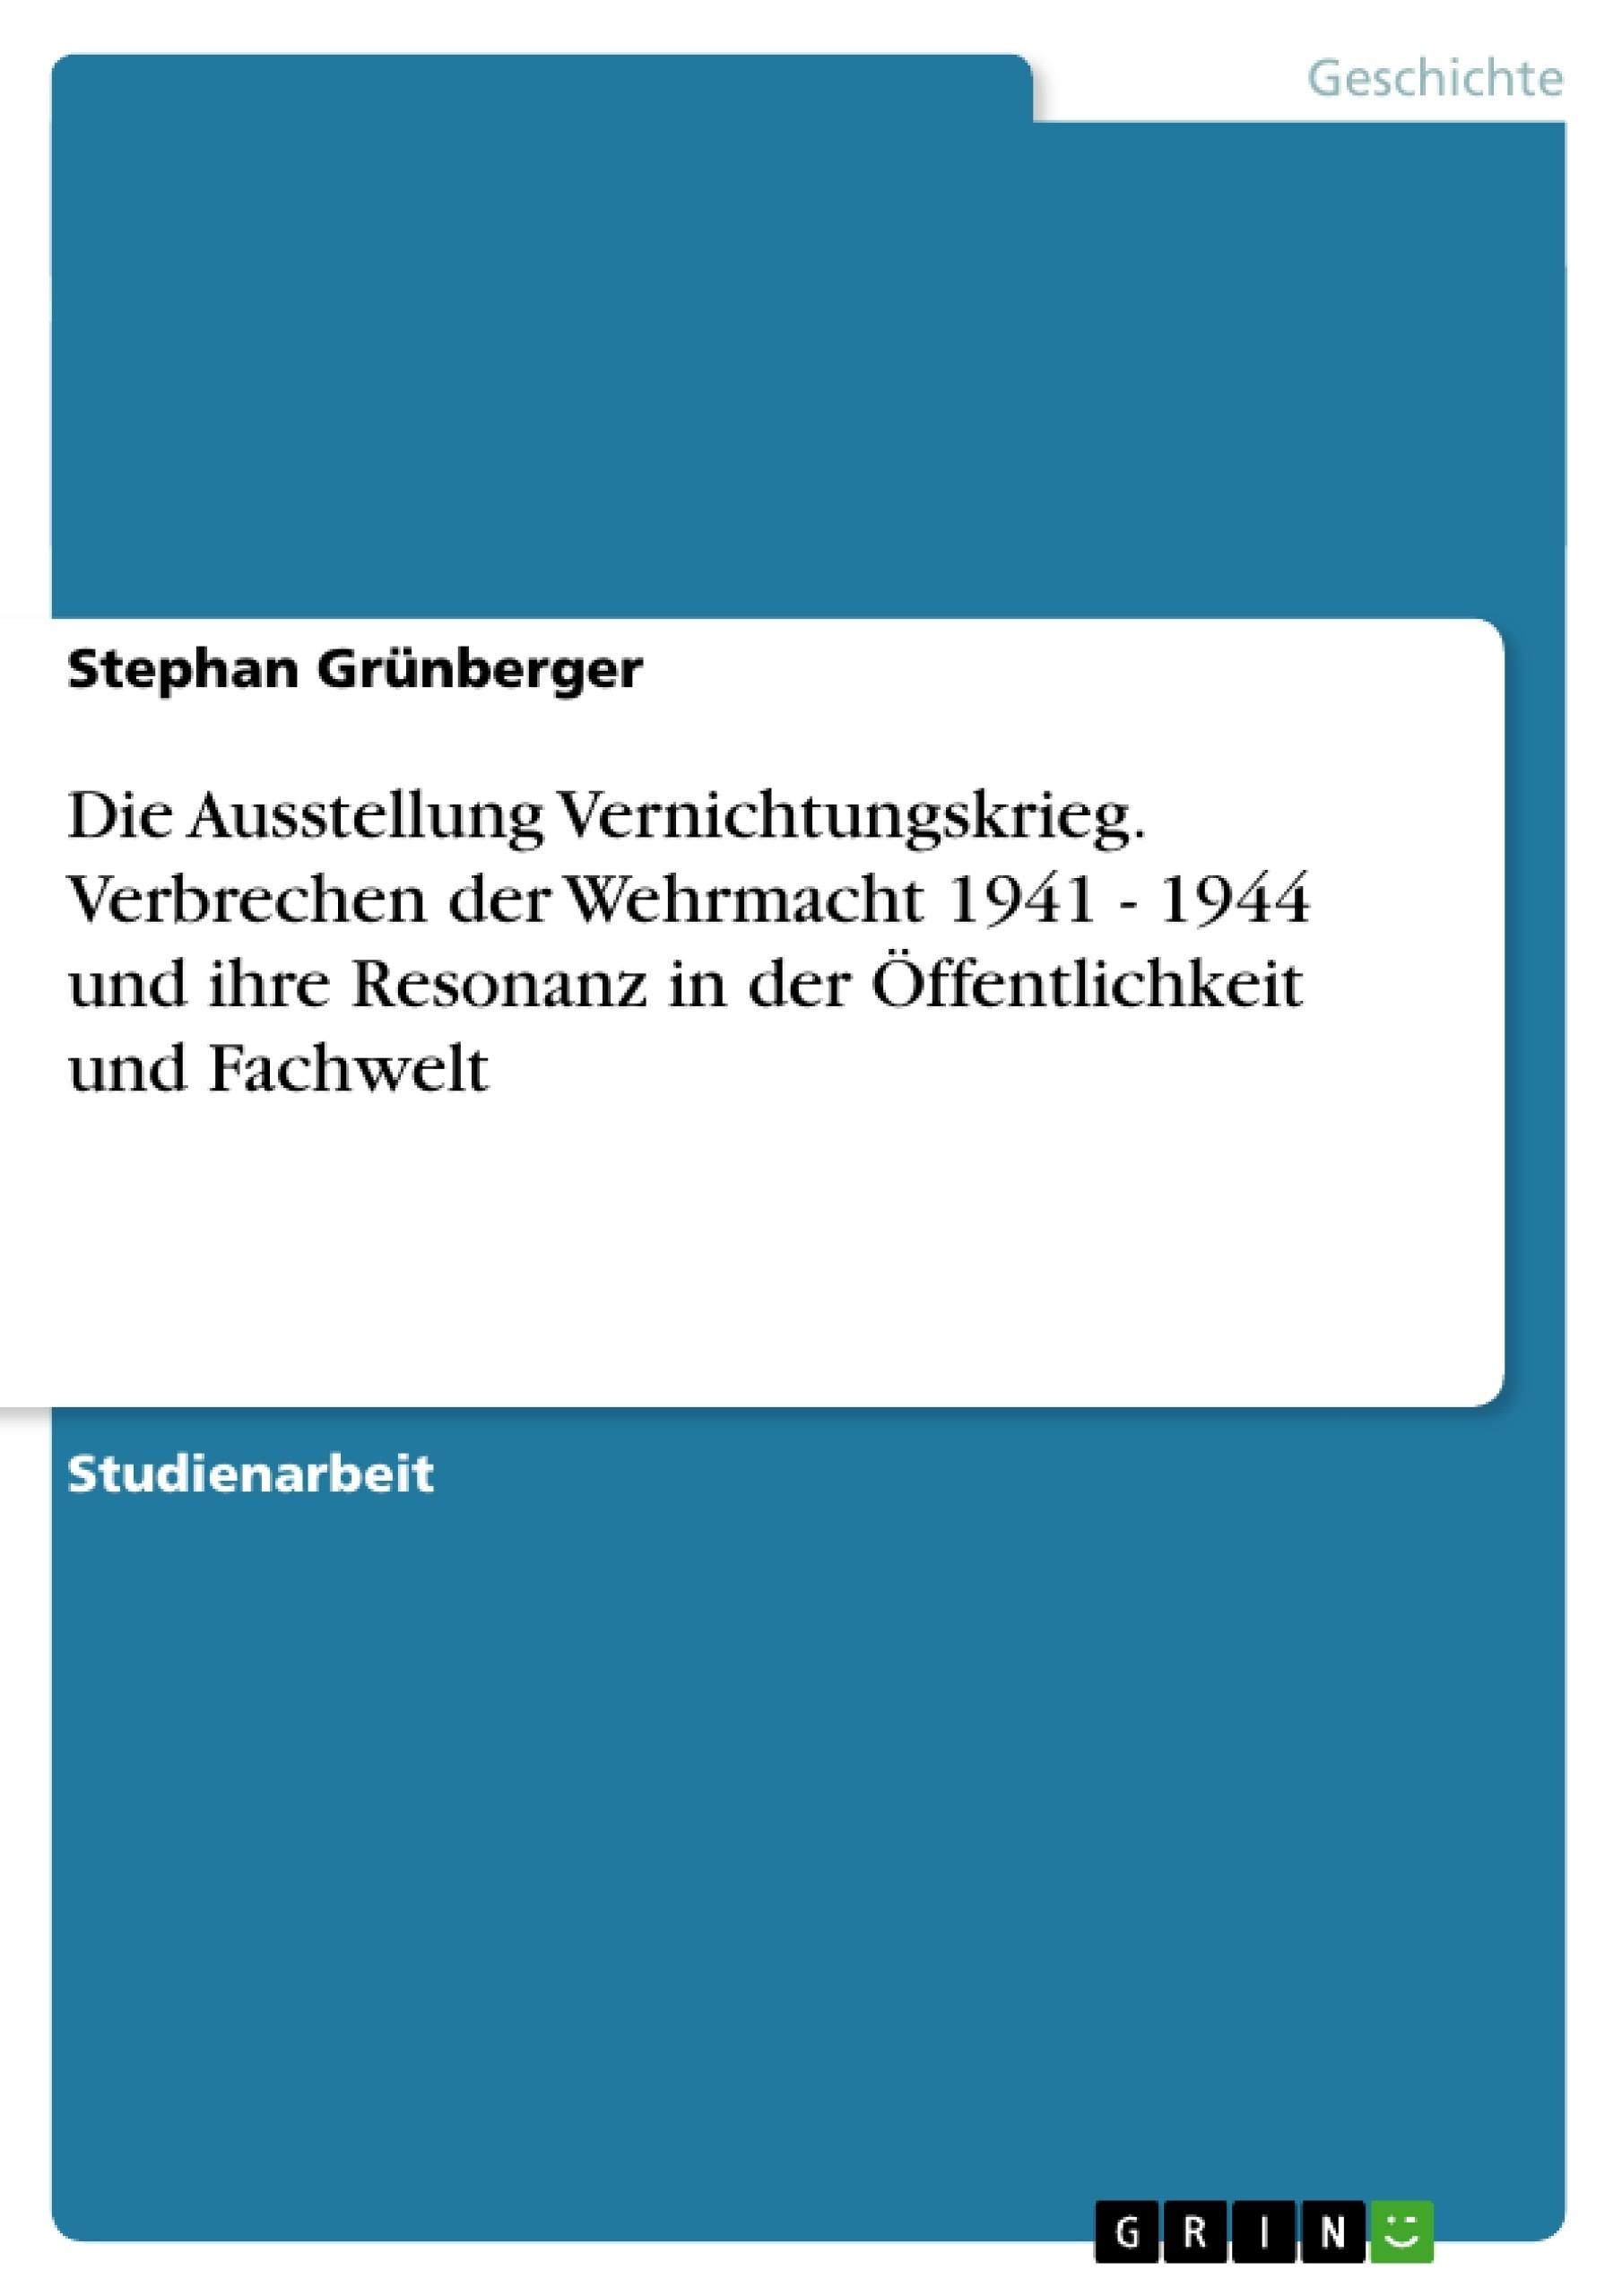 Titel: Die Ausstellung Vernichtungskrieg. Verbrechen der Wehrmacht 1941 - 1944 und ihre Resonanz in der Öffentlichkeit und Fachwelt